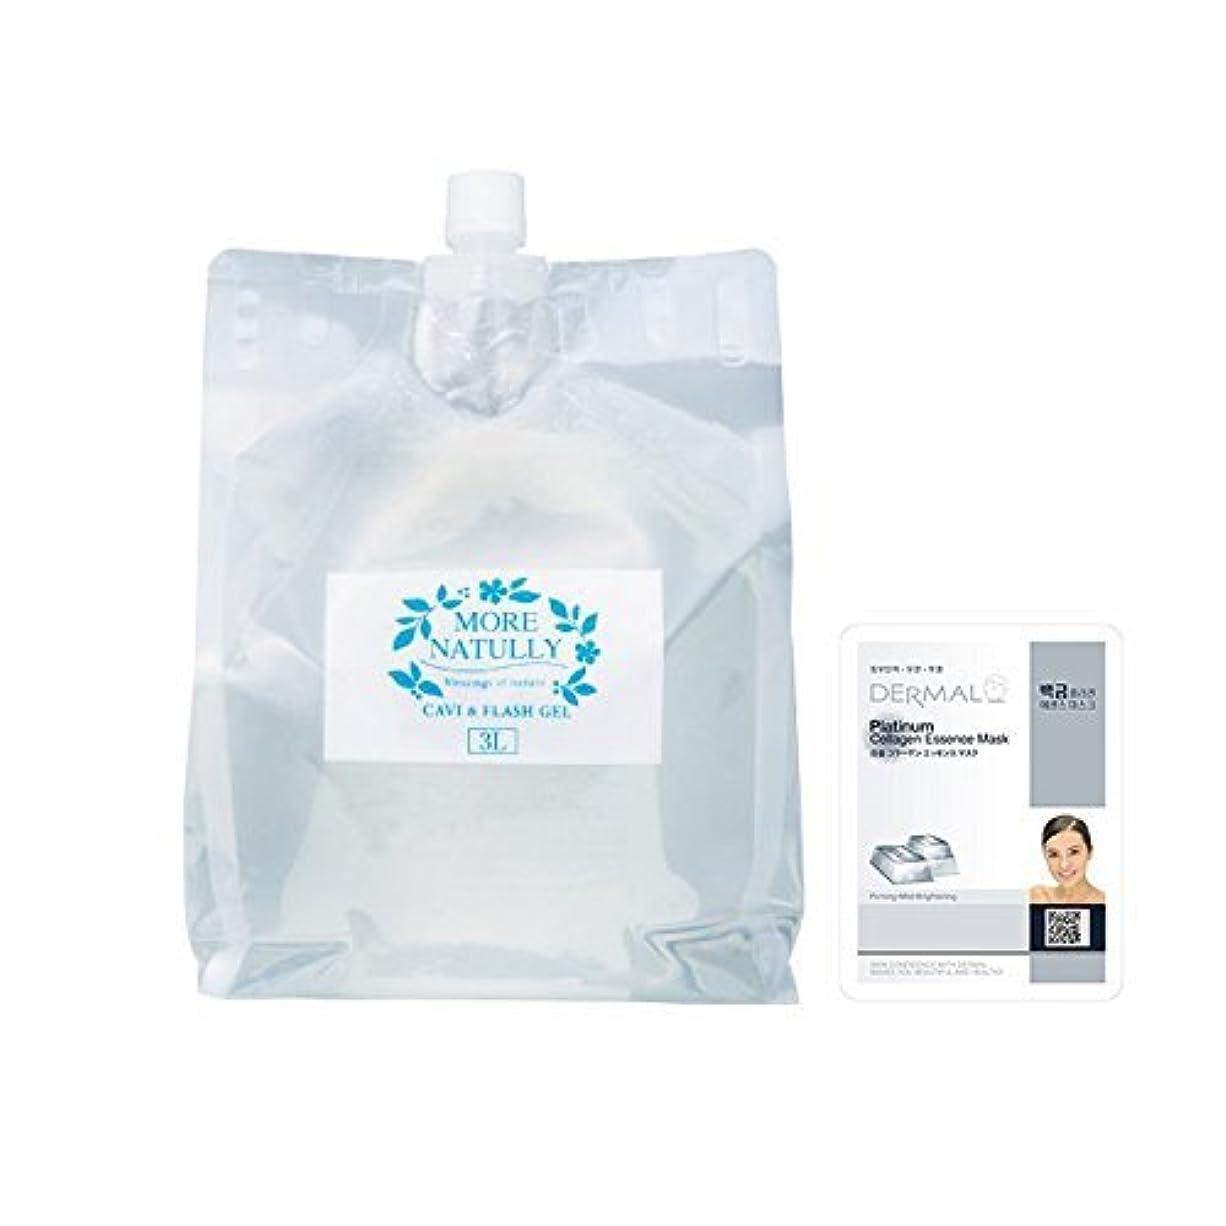 ヘルパー神経平野モアナチュリー キャビ&フラッシュジェル ソフト 3kg+白金パック1P